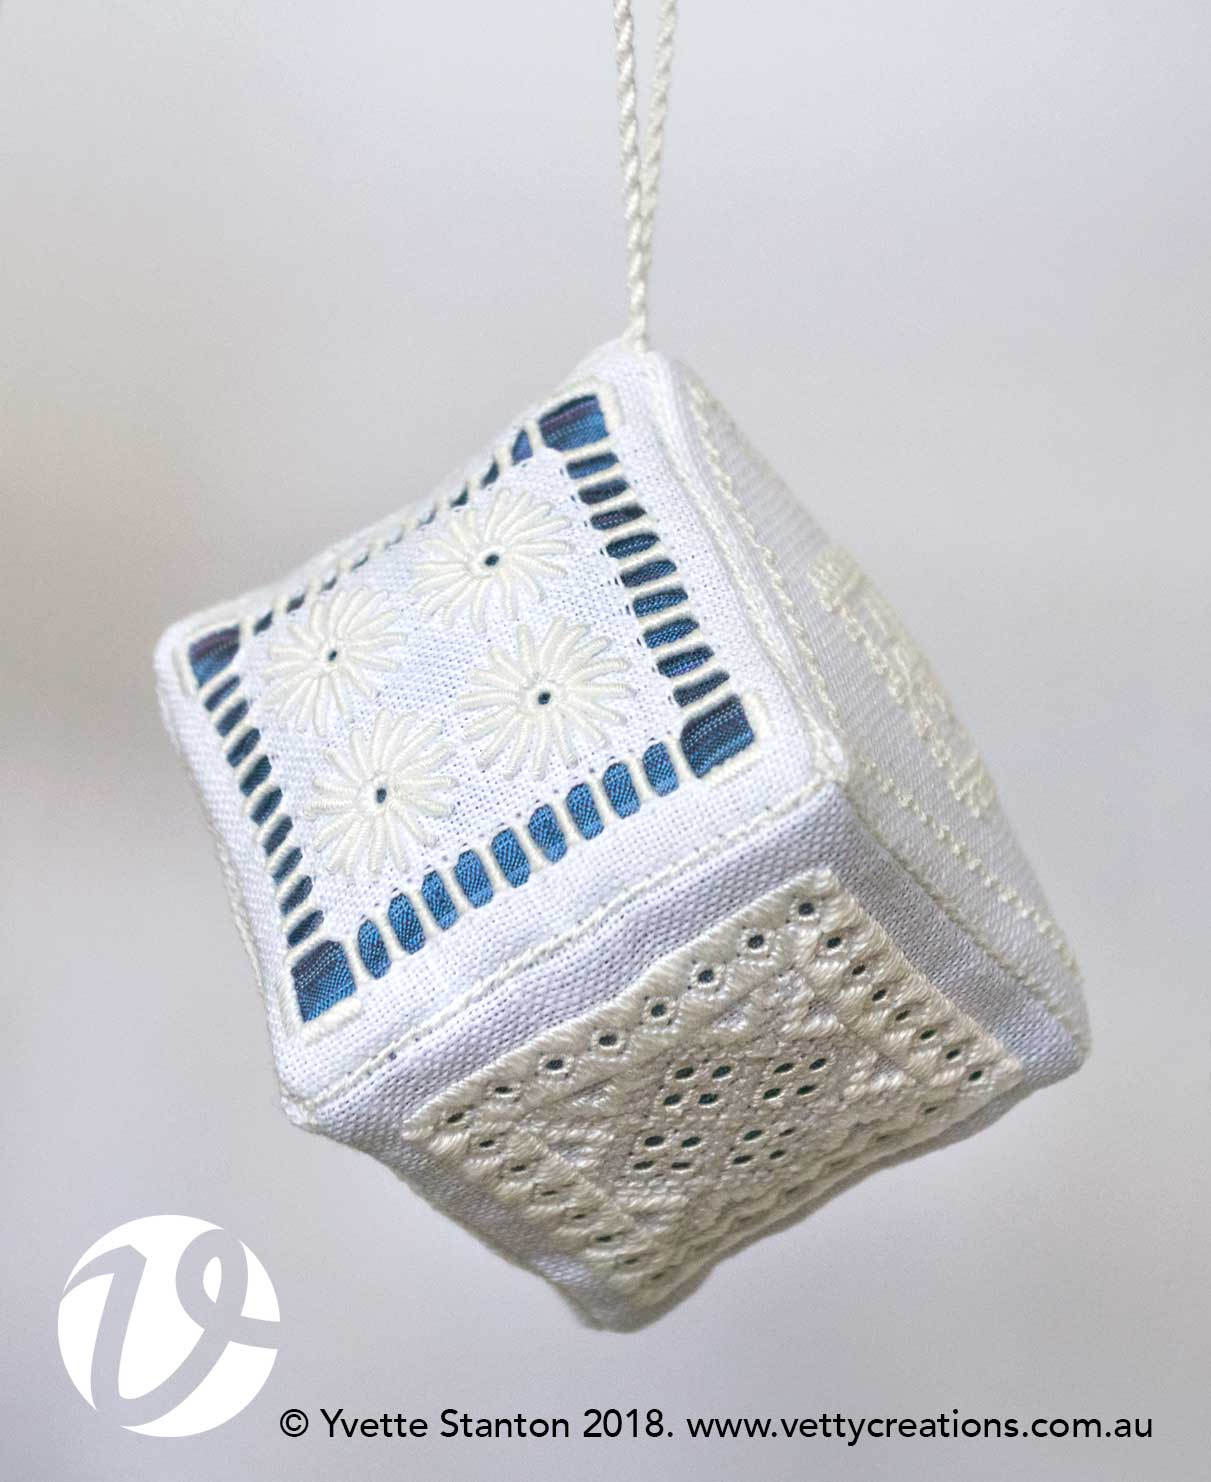 Whitework cube sampler with Yvette Stanton EGA 2019